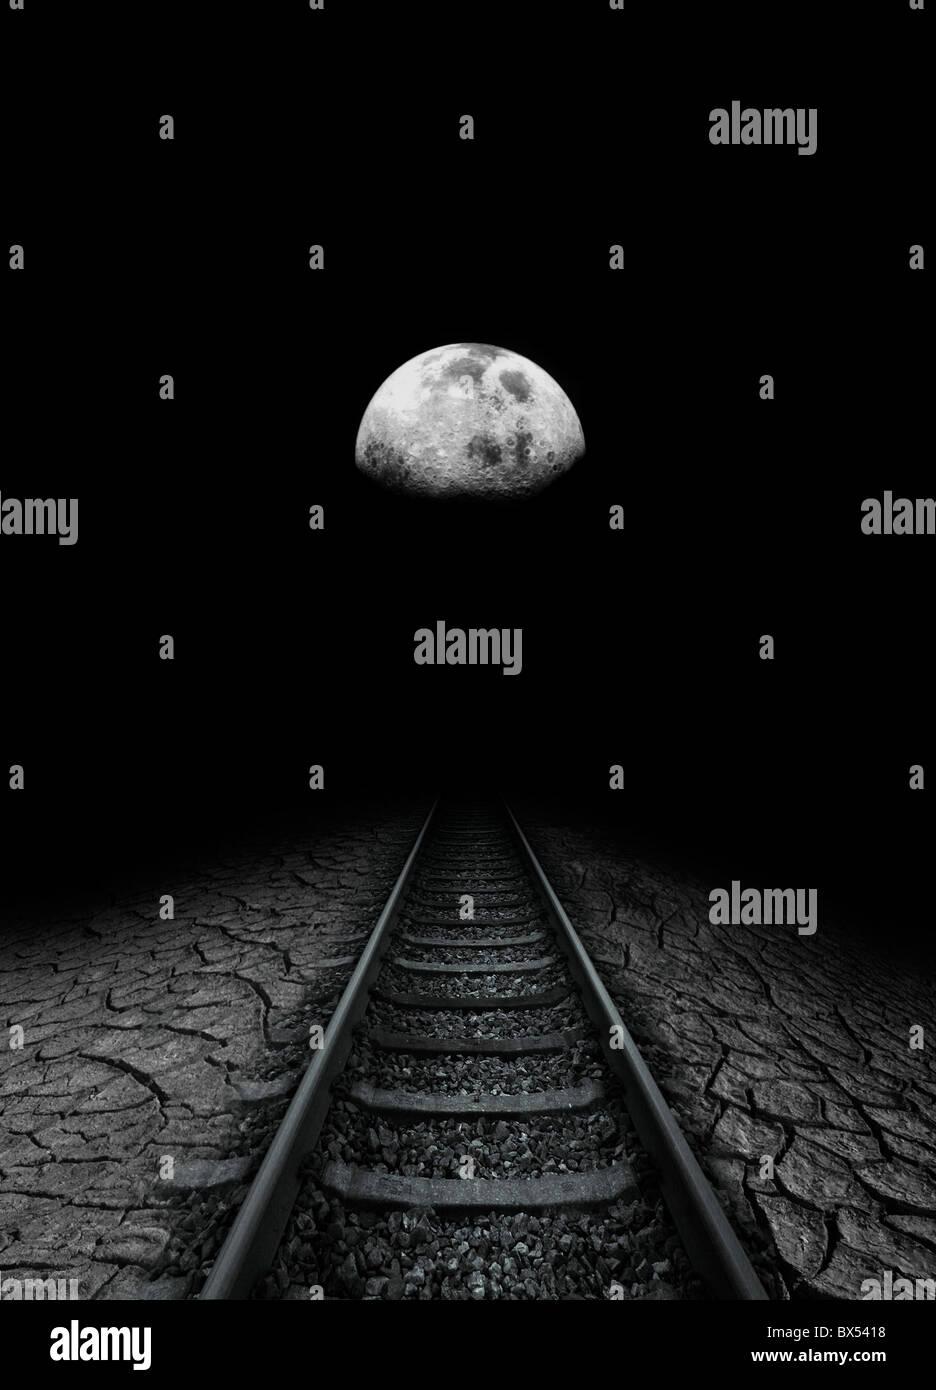 Voyage dans la Lune, conceptual artwork Photo Stock